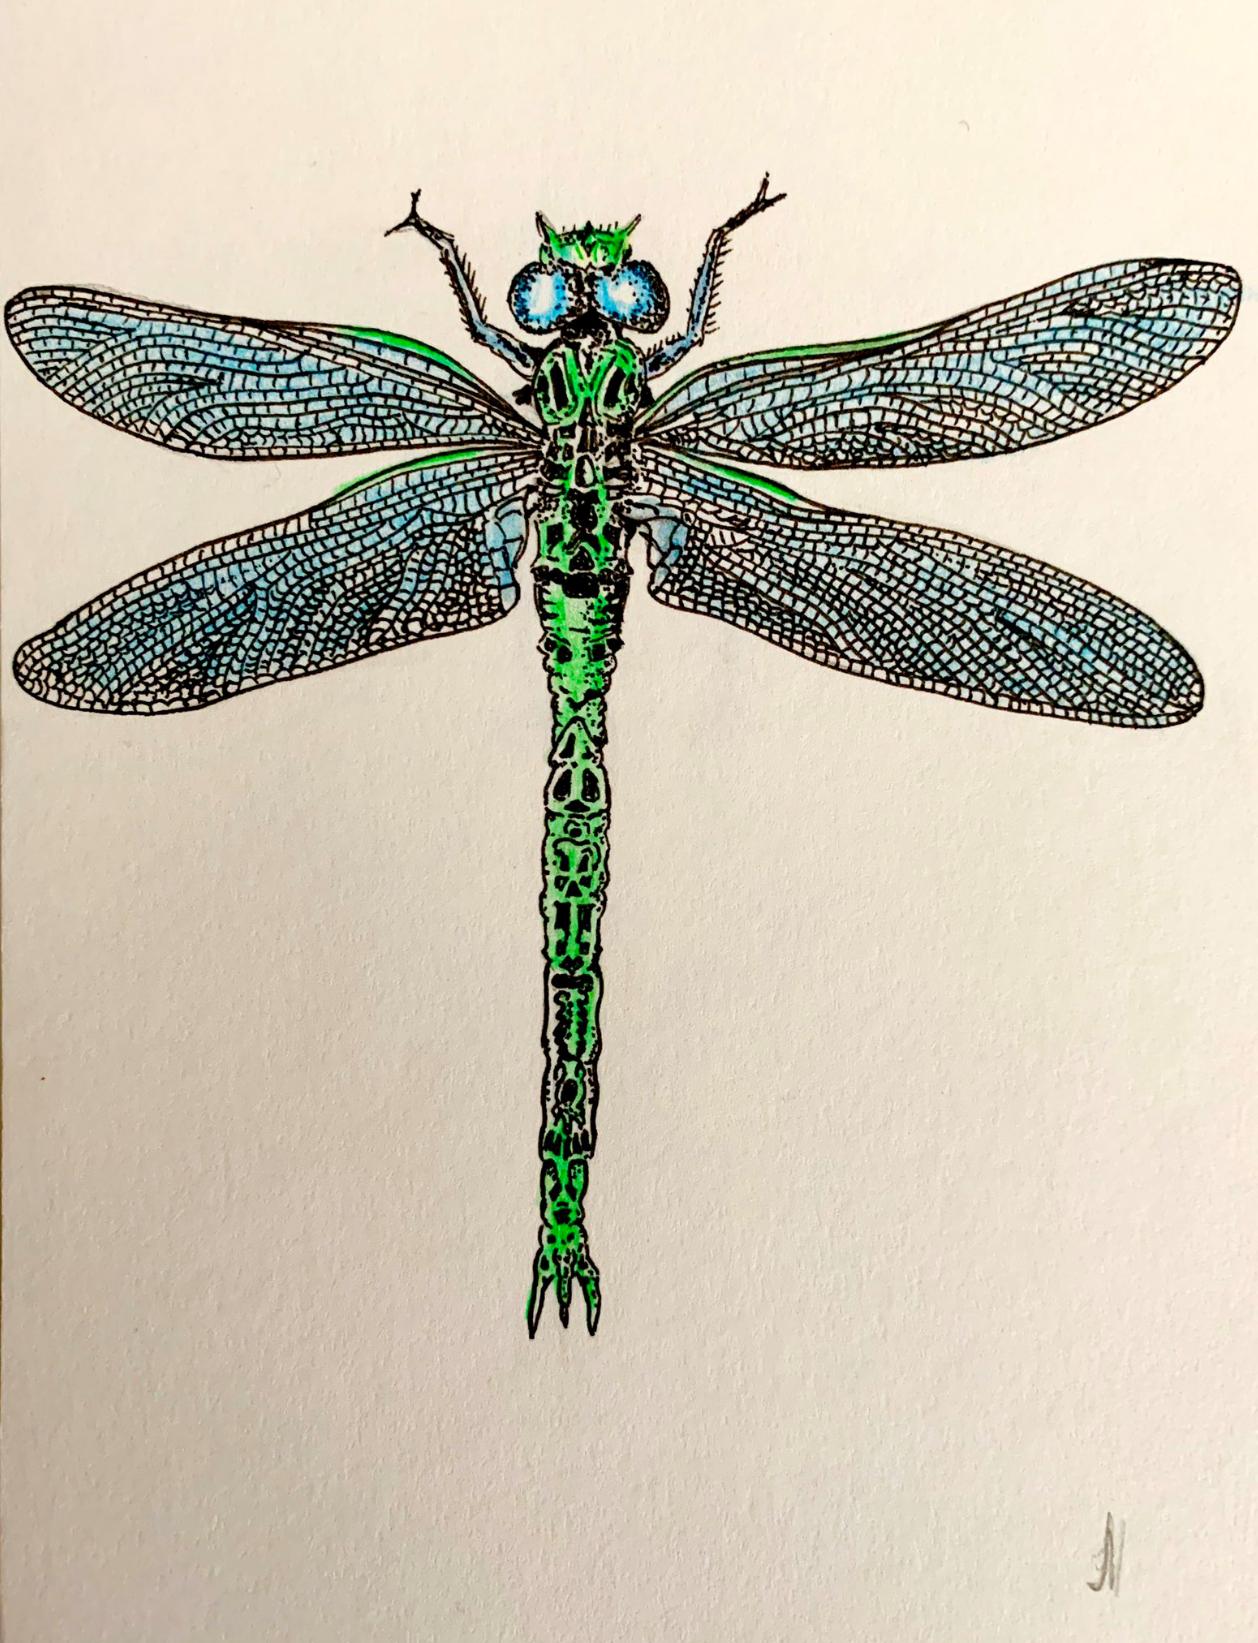 Dragonfly by John Hawkhead